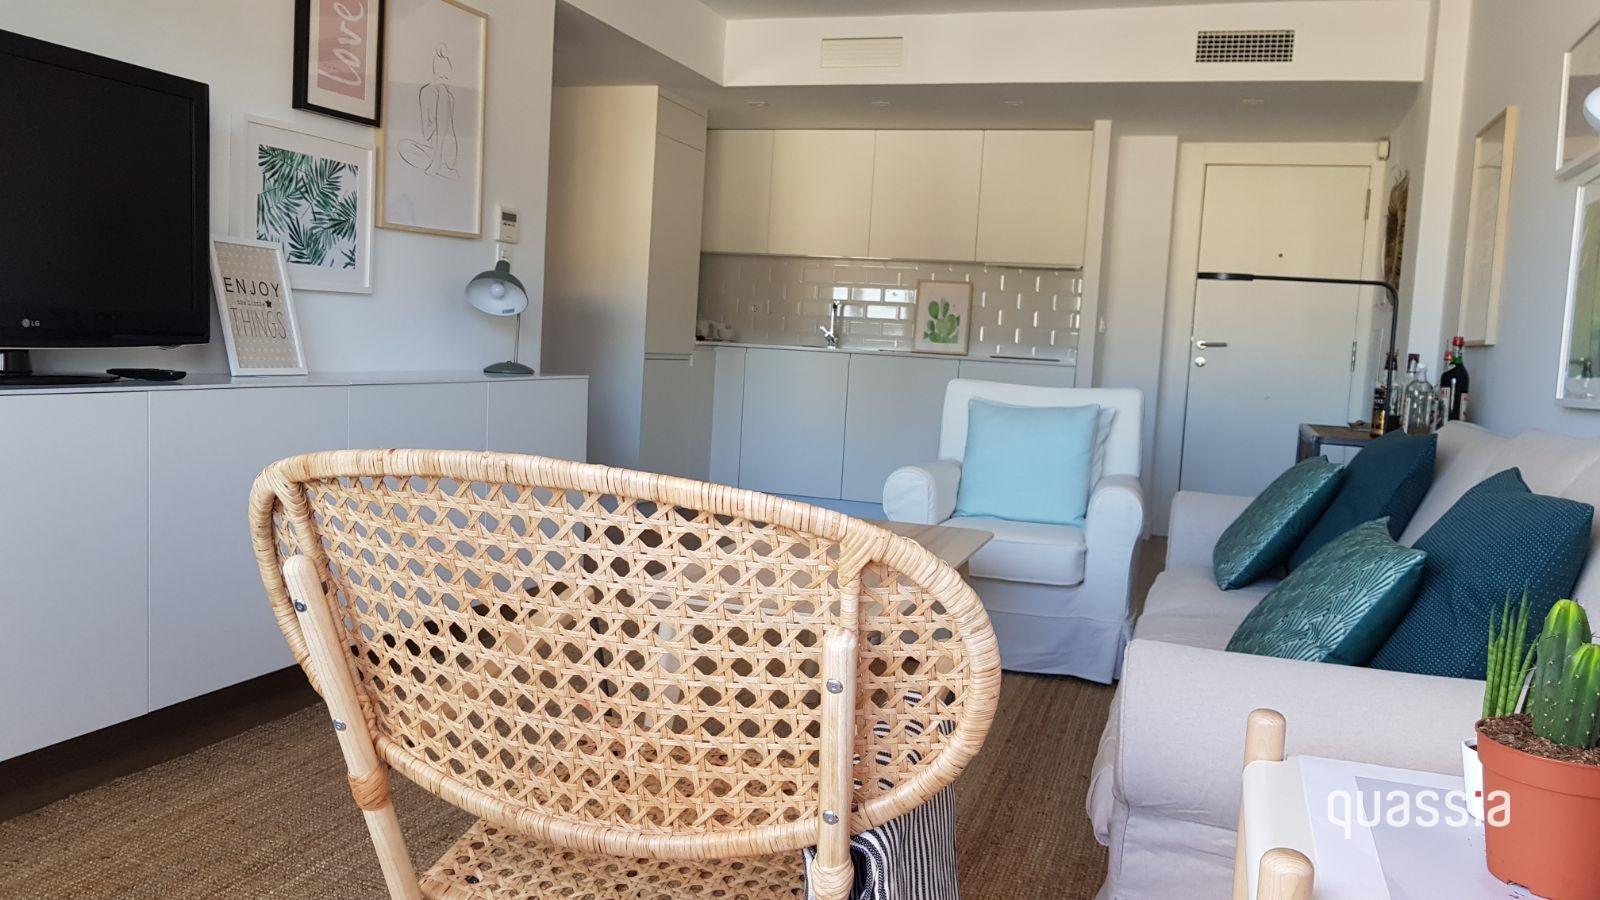 Reforma apartamento Fuengirola por Quassia (6)